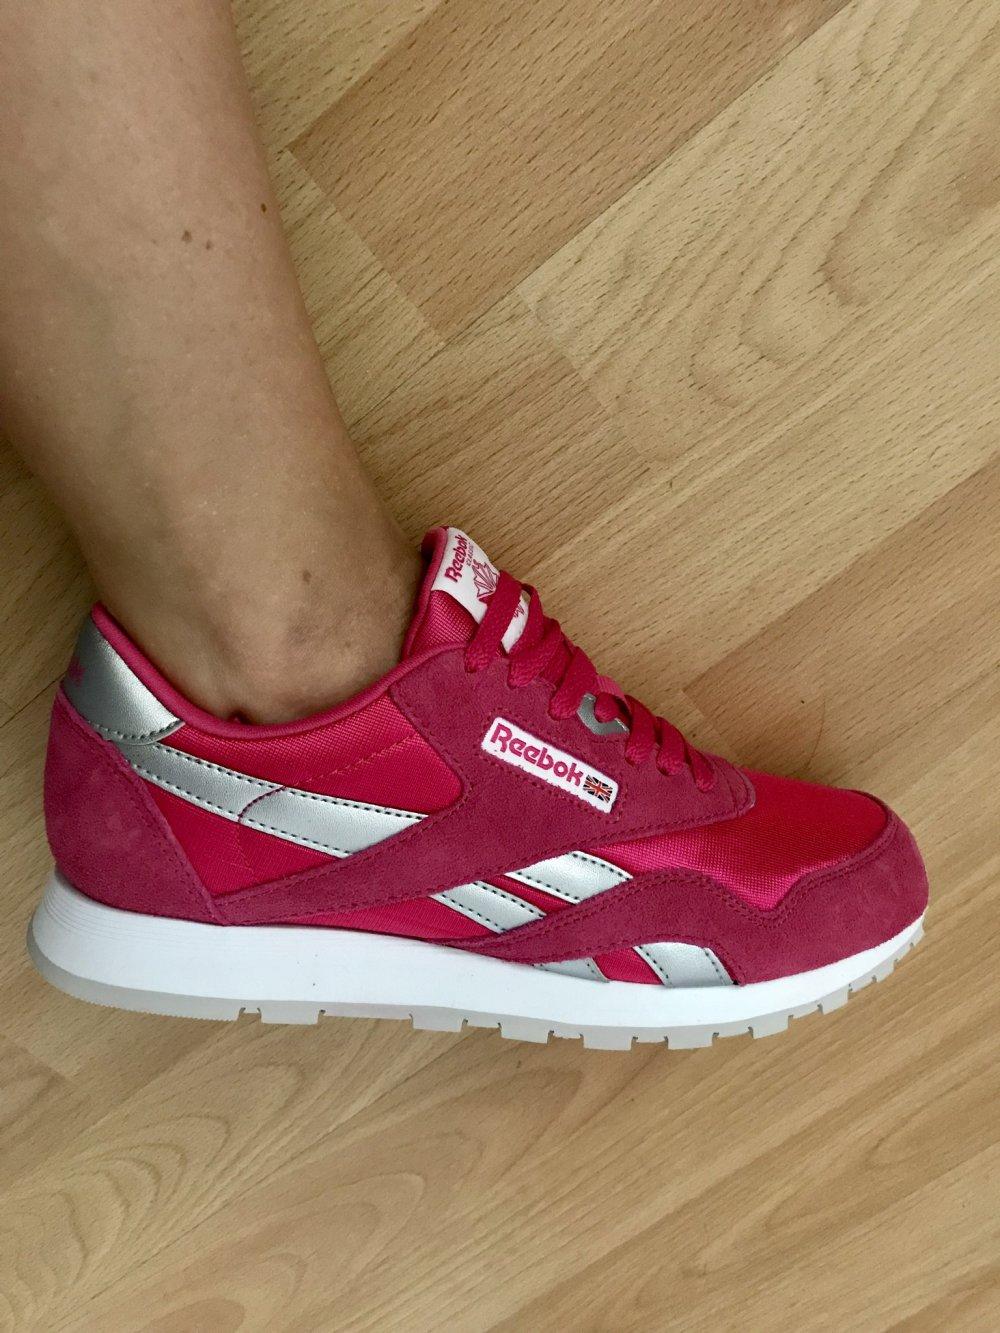 Reebok Sneaker Gr 37 pink Neu Turnschuhe